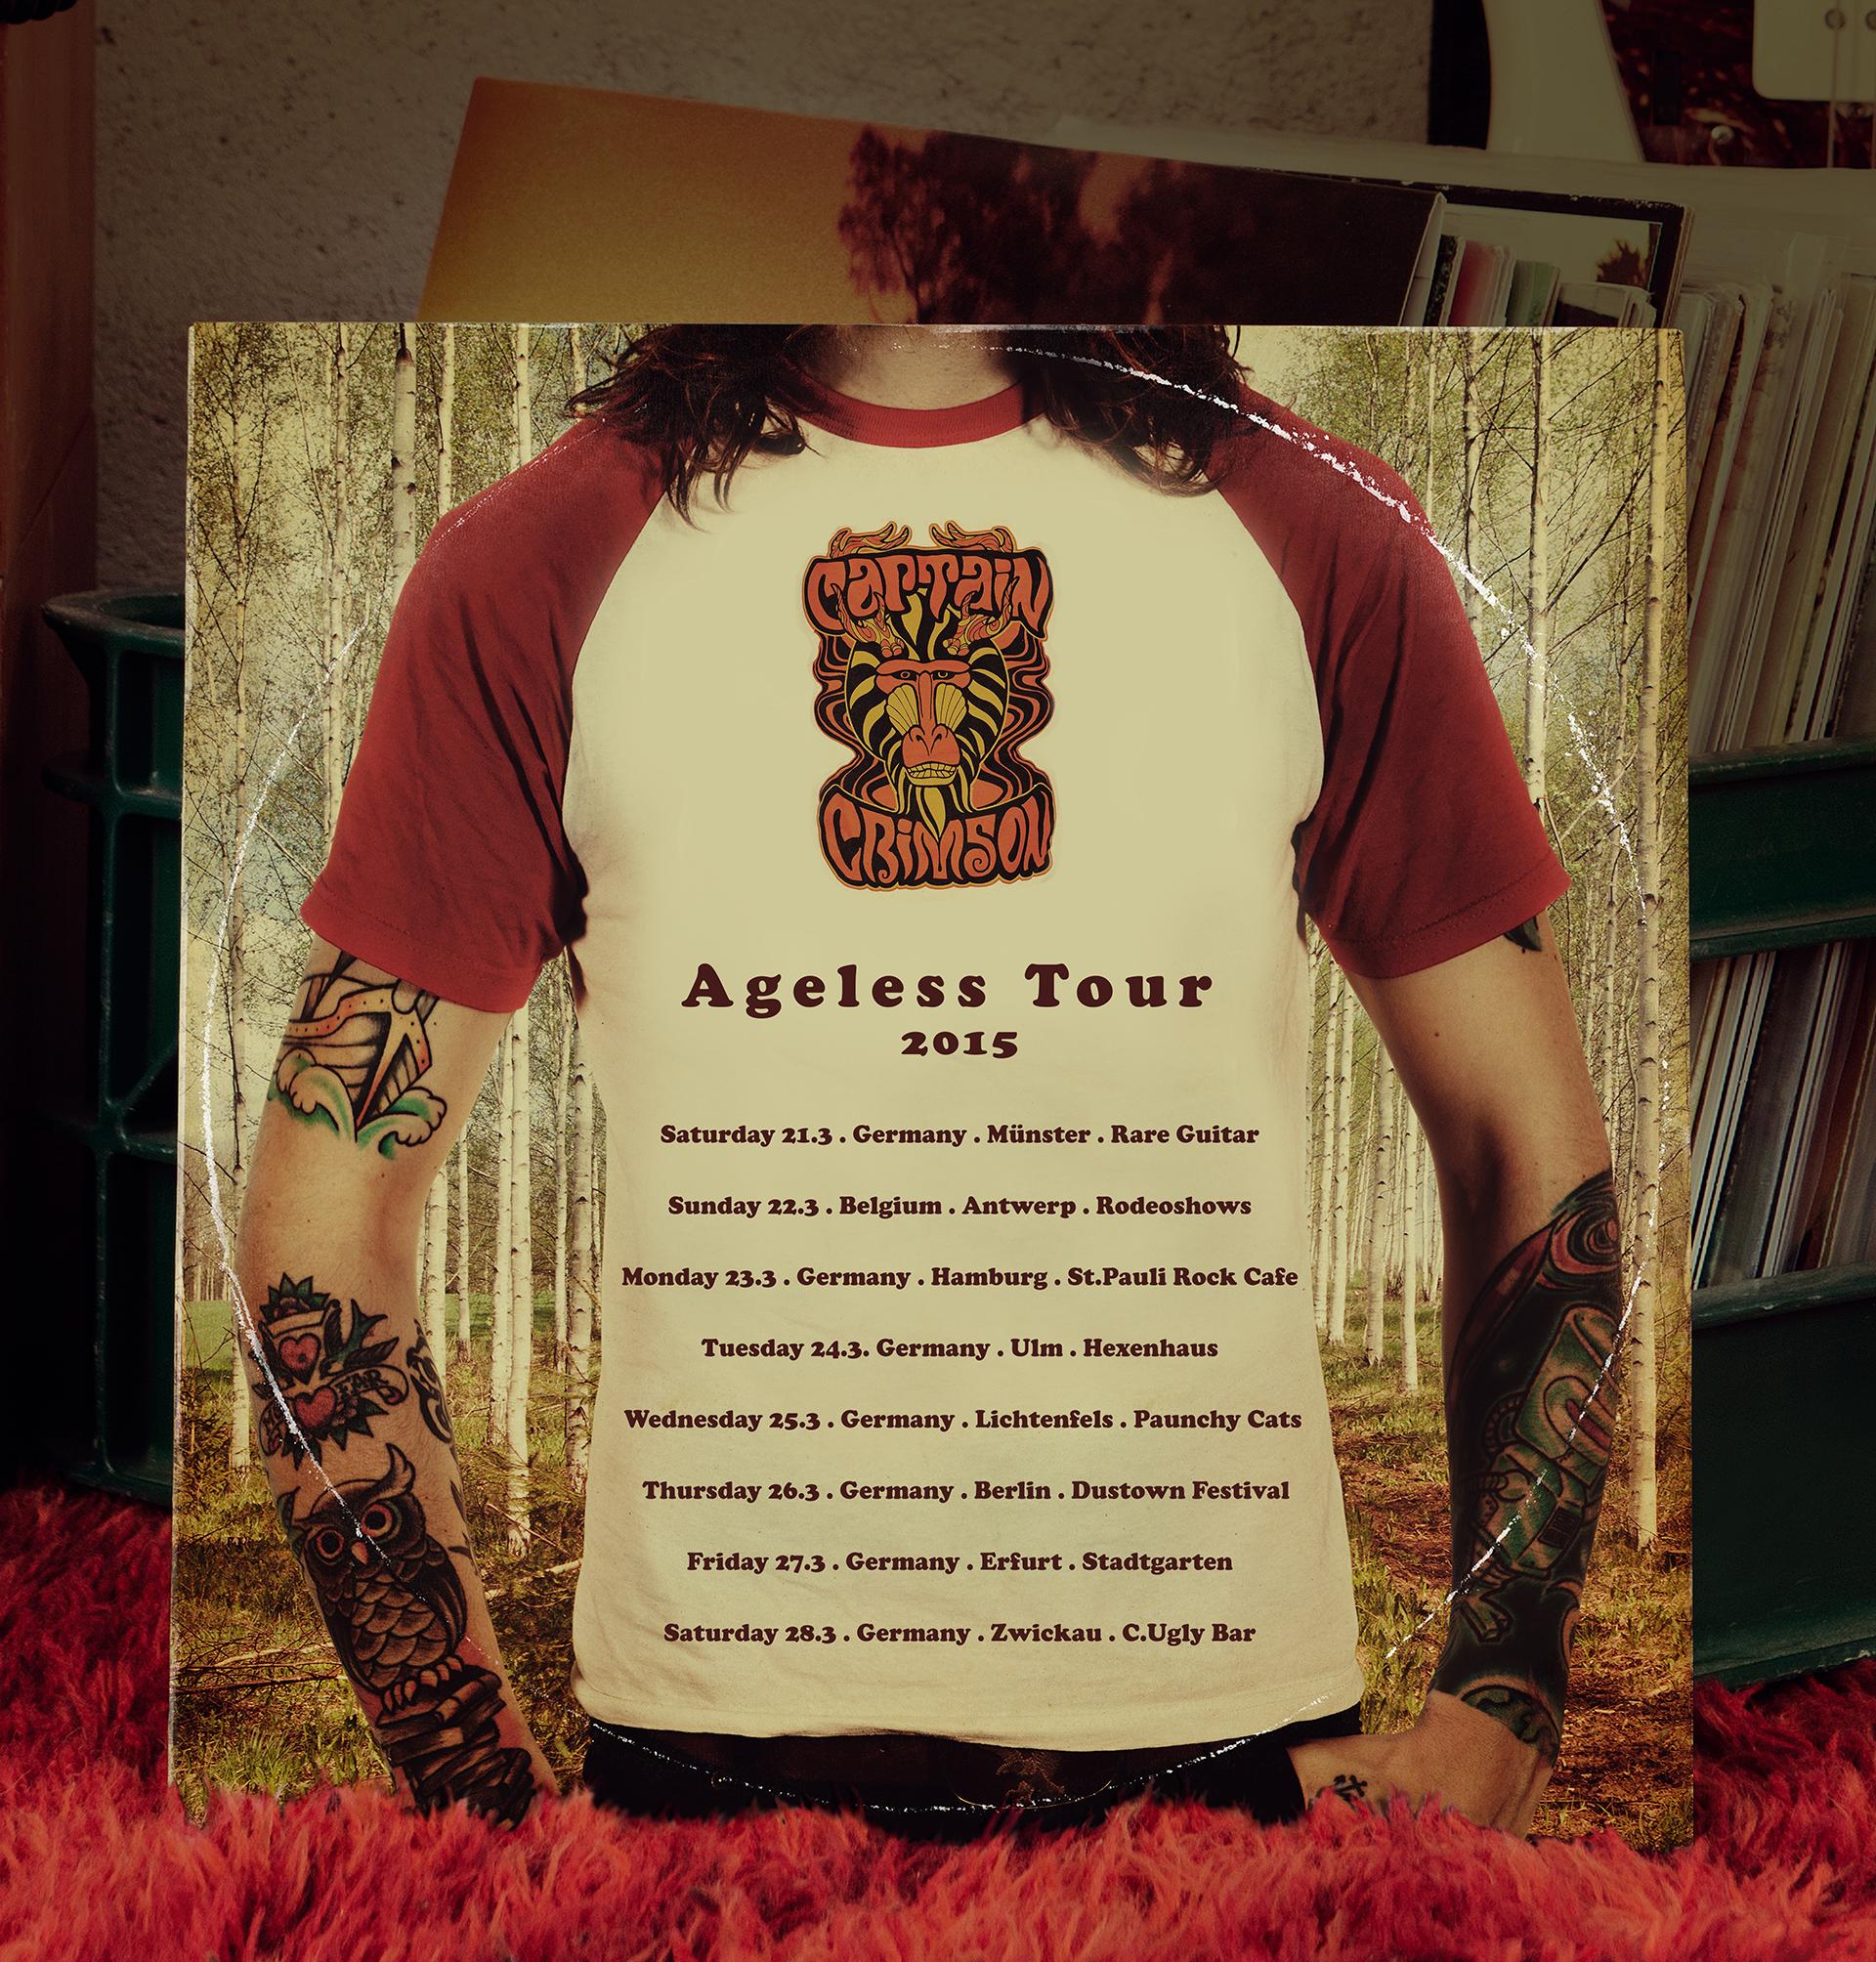 Captain-Crimson-Ageless-Tour-15-WEB.png